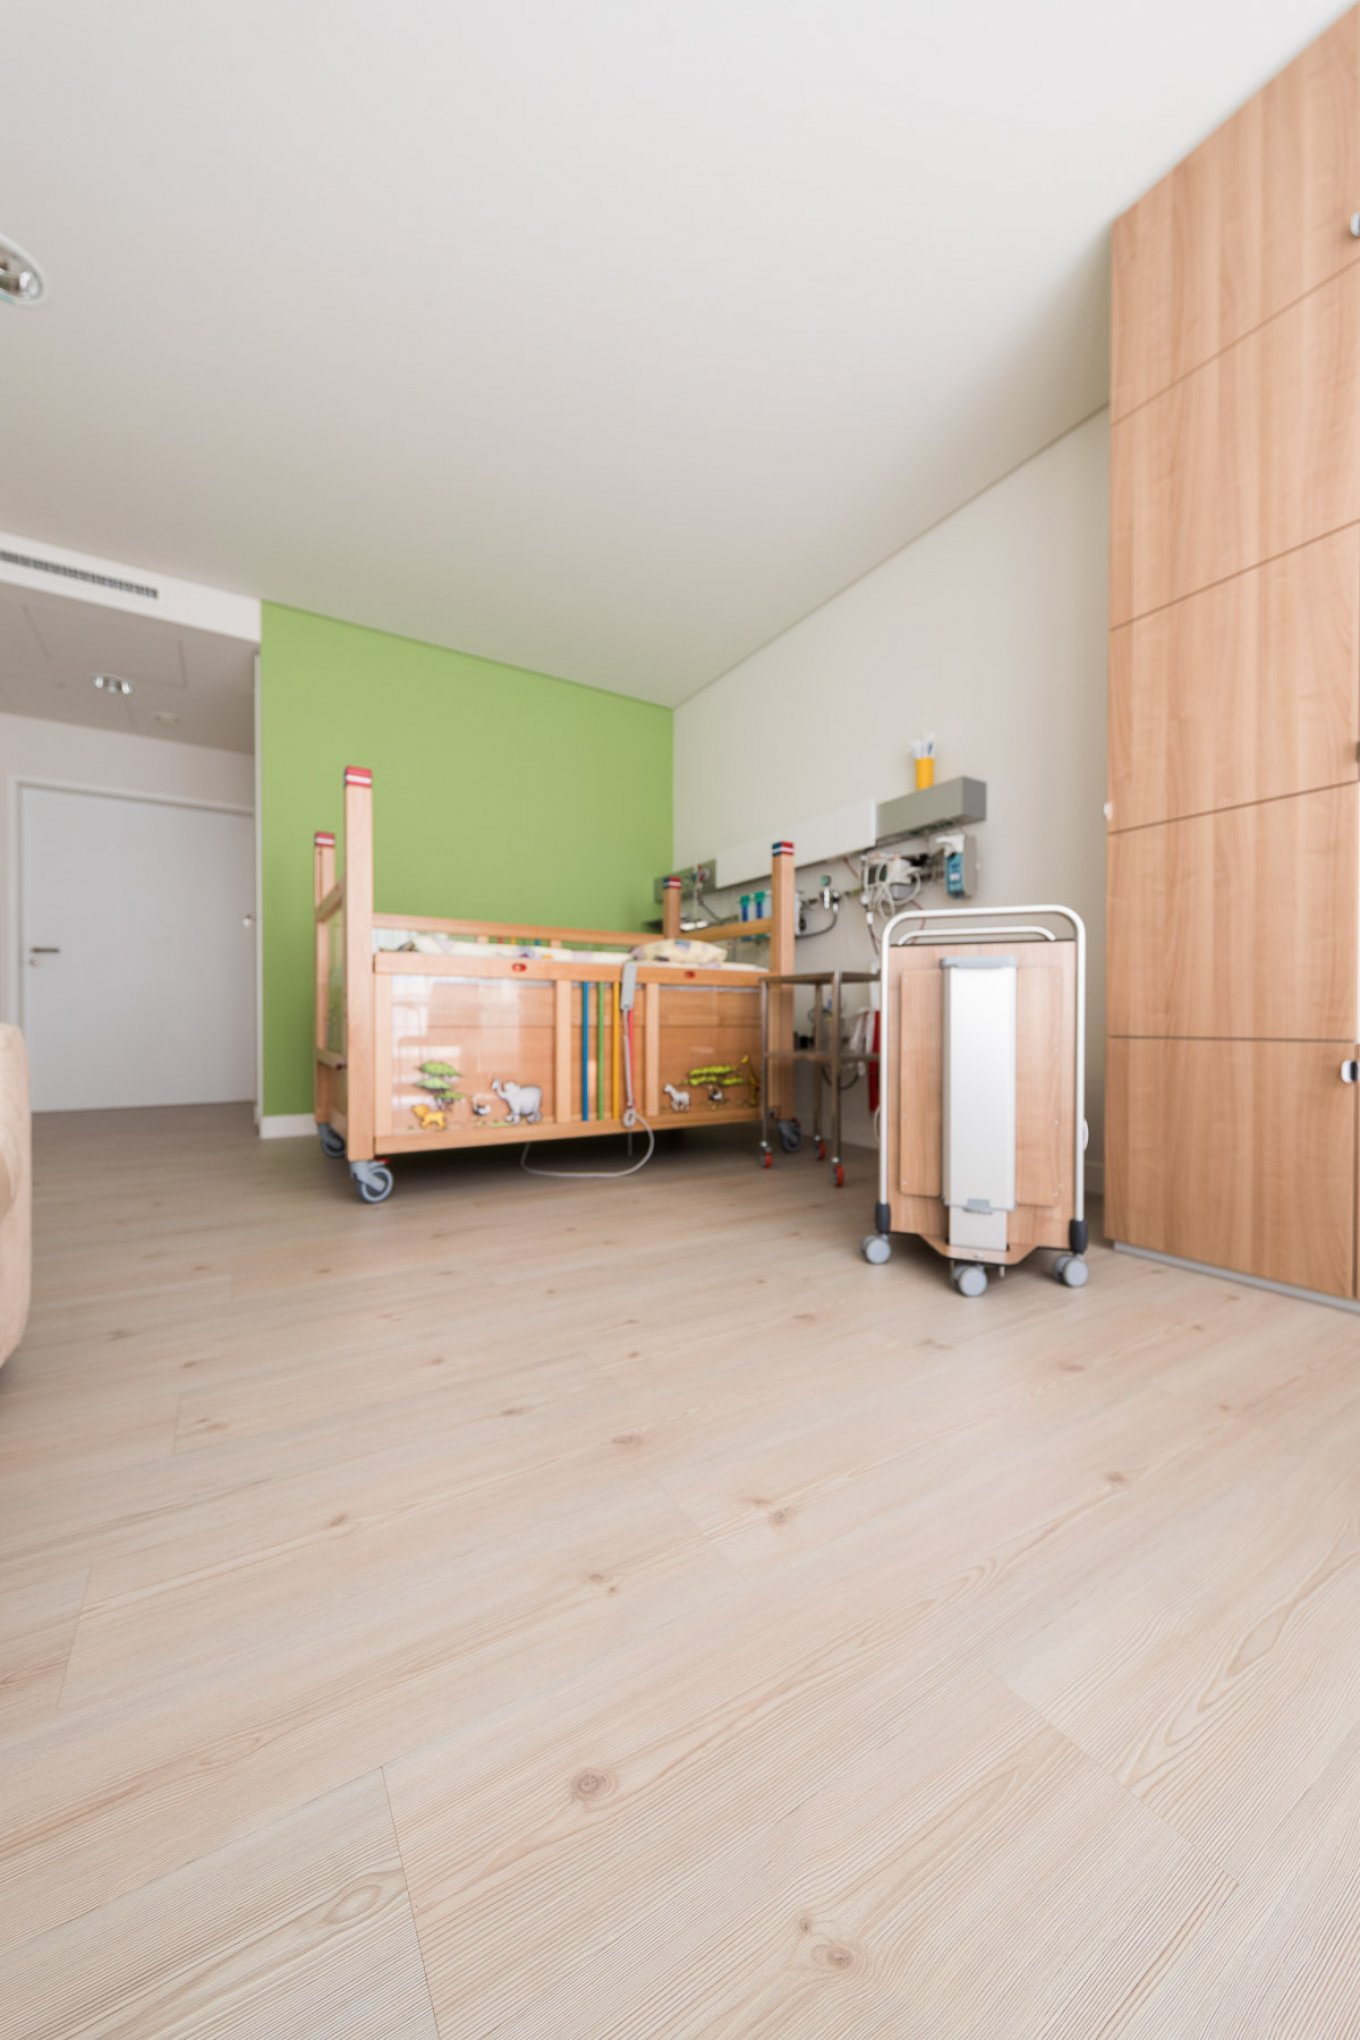 wineo PURLINE Bioboden Klinik Palliativmedizin Behandlungszimmer Patientenzimmer moderne Einrichtung Kinderbett